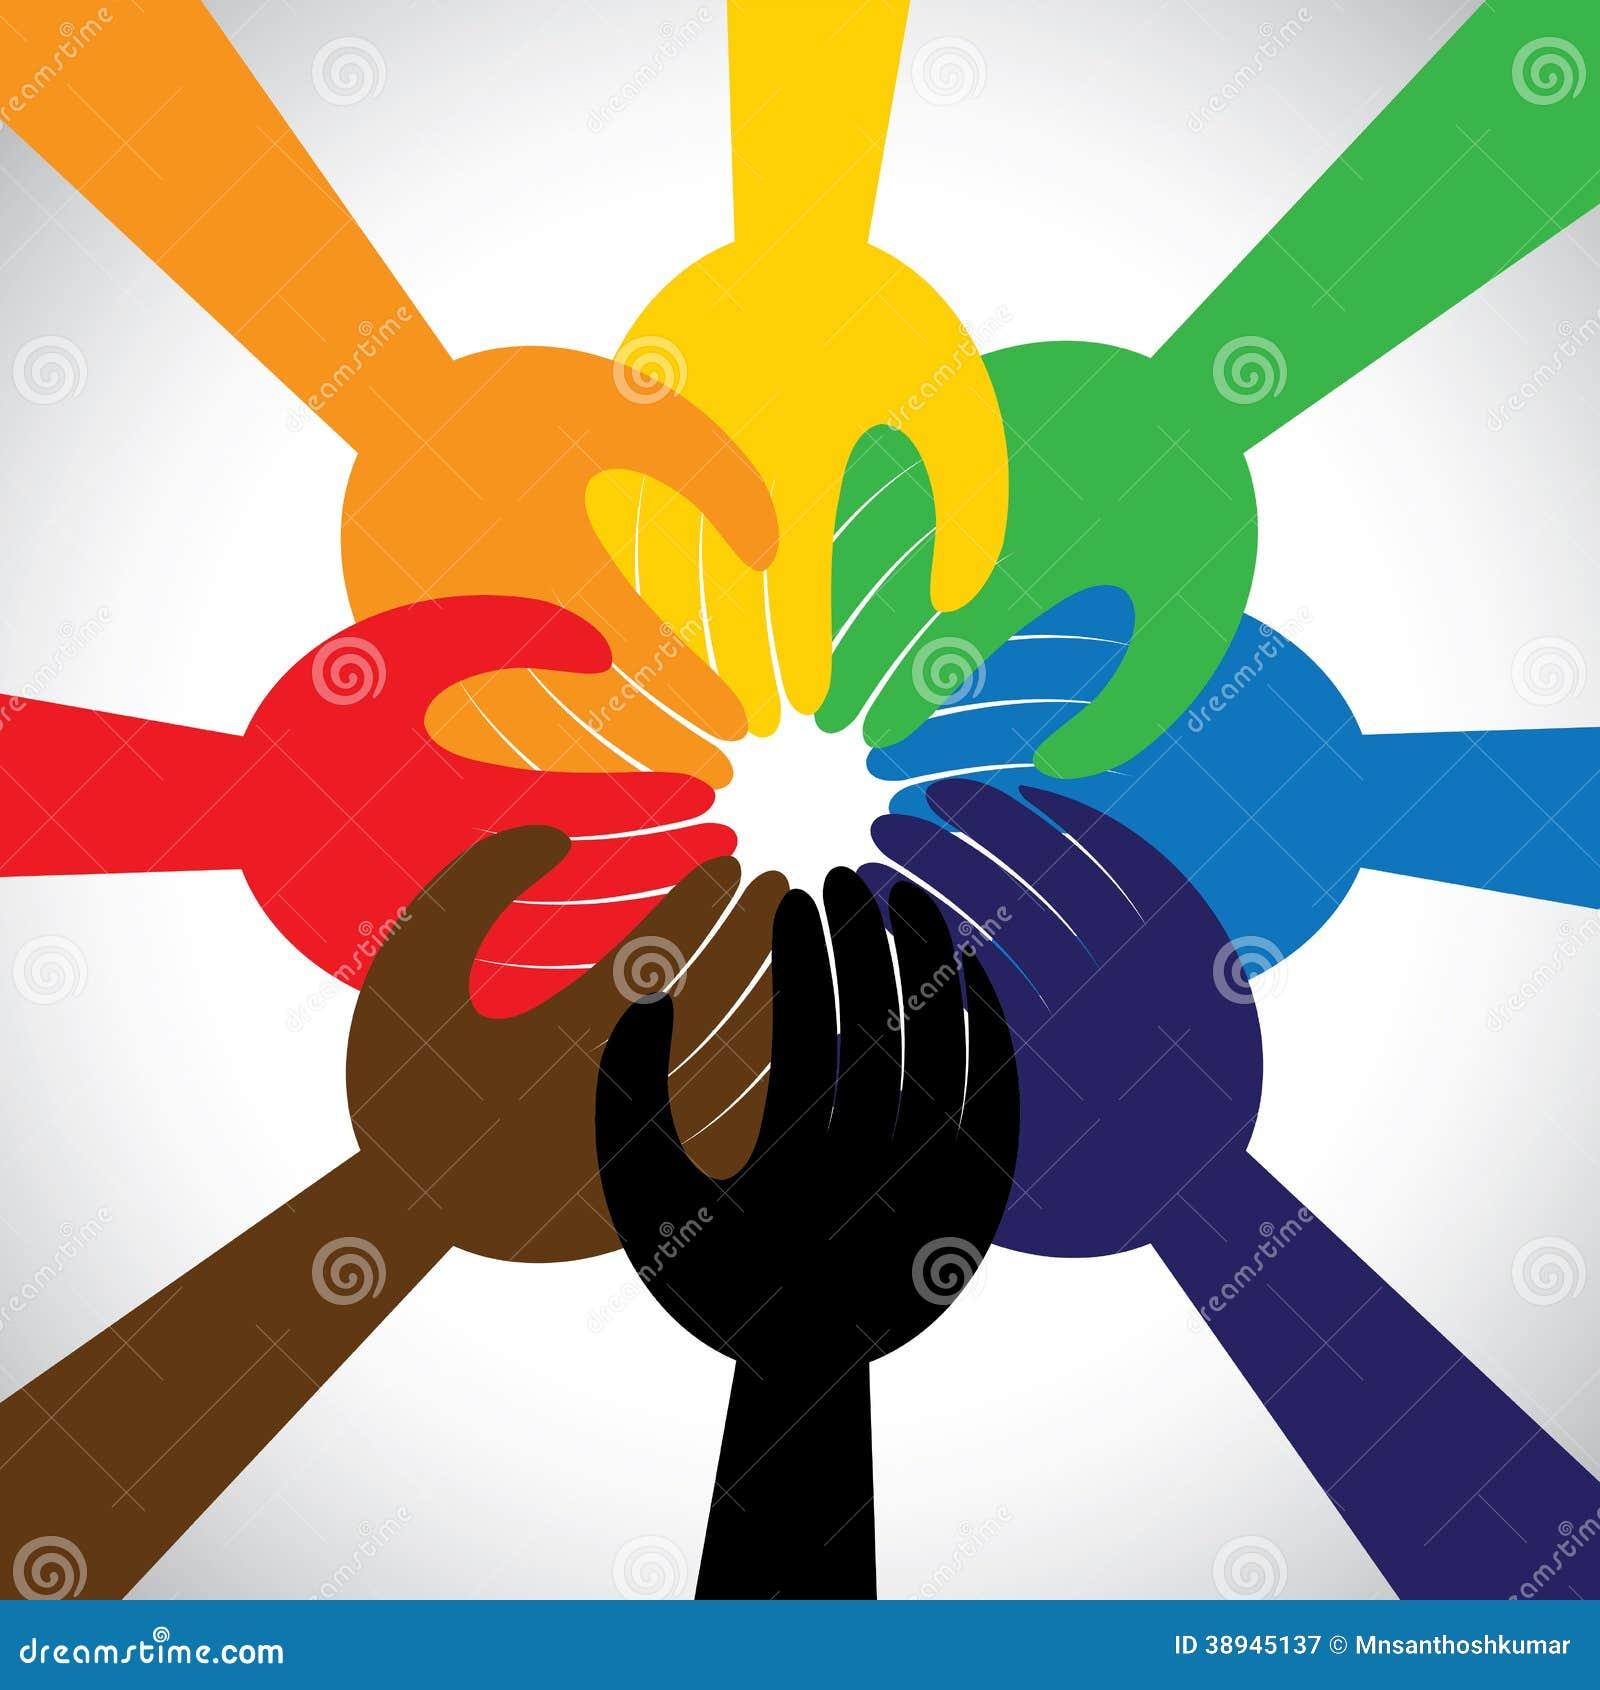 Руки принимая обещание, обещание - вектор концепции